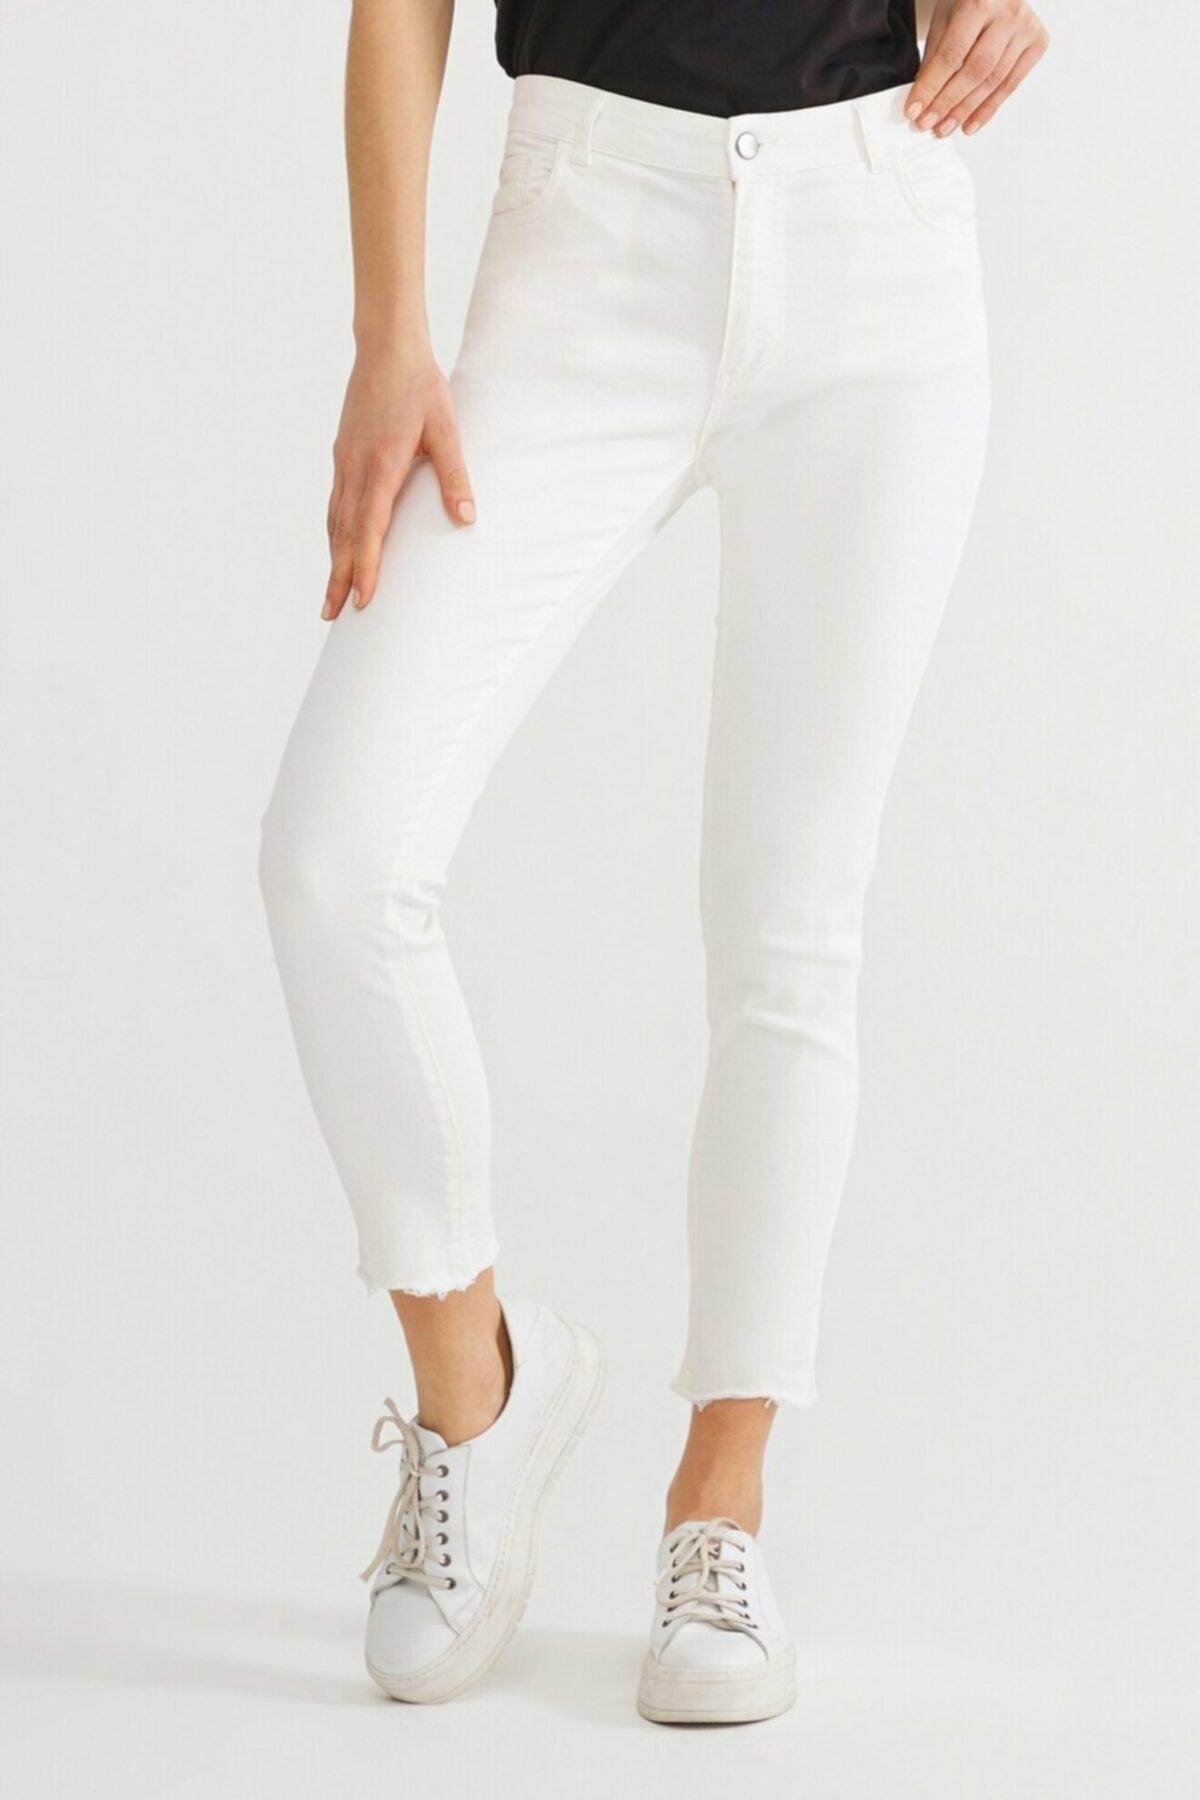 adL Kadın Kemik Paça Detaylı Pantolon 15336759001019 2